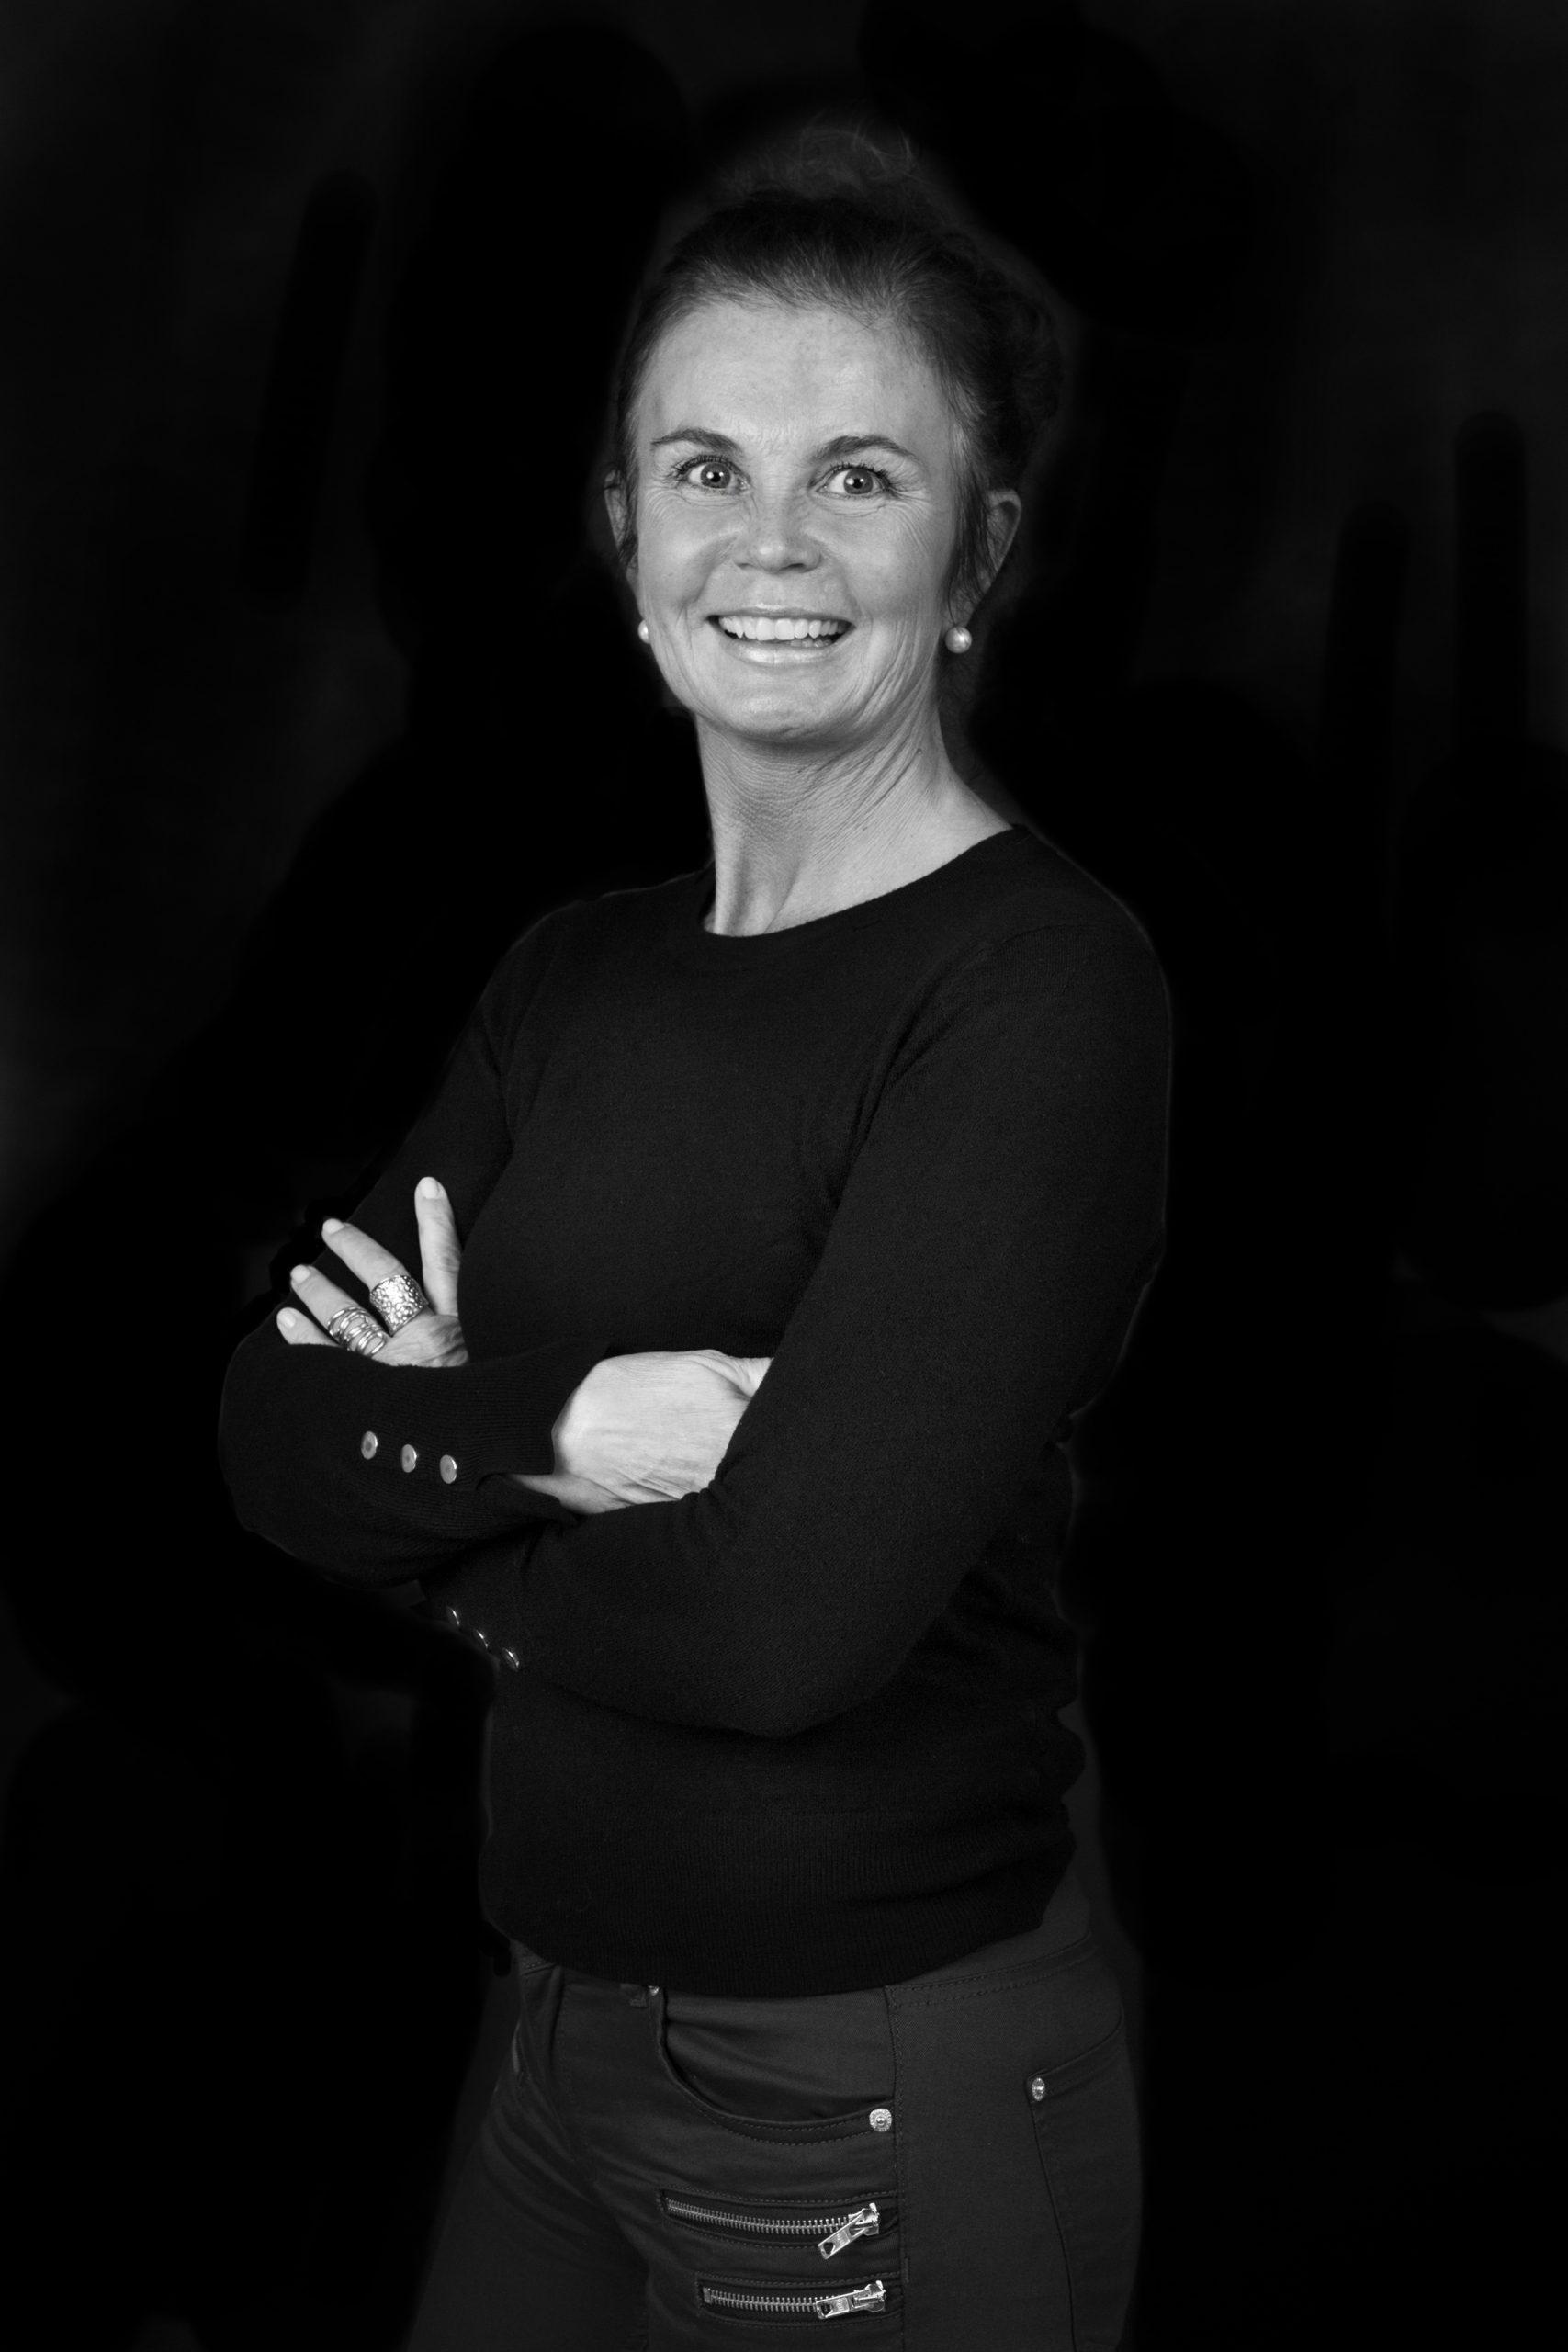 Lena Chantino